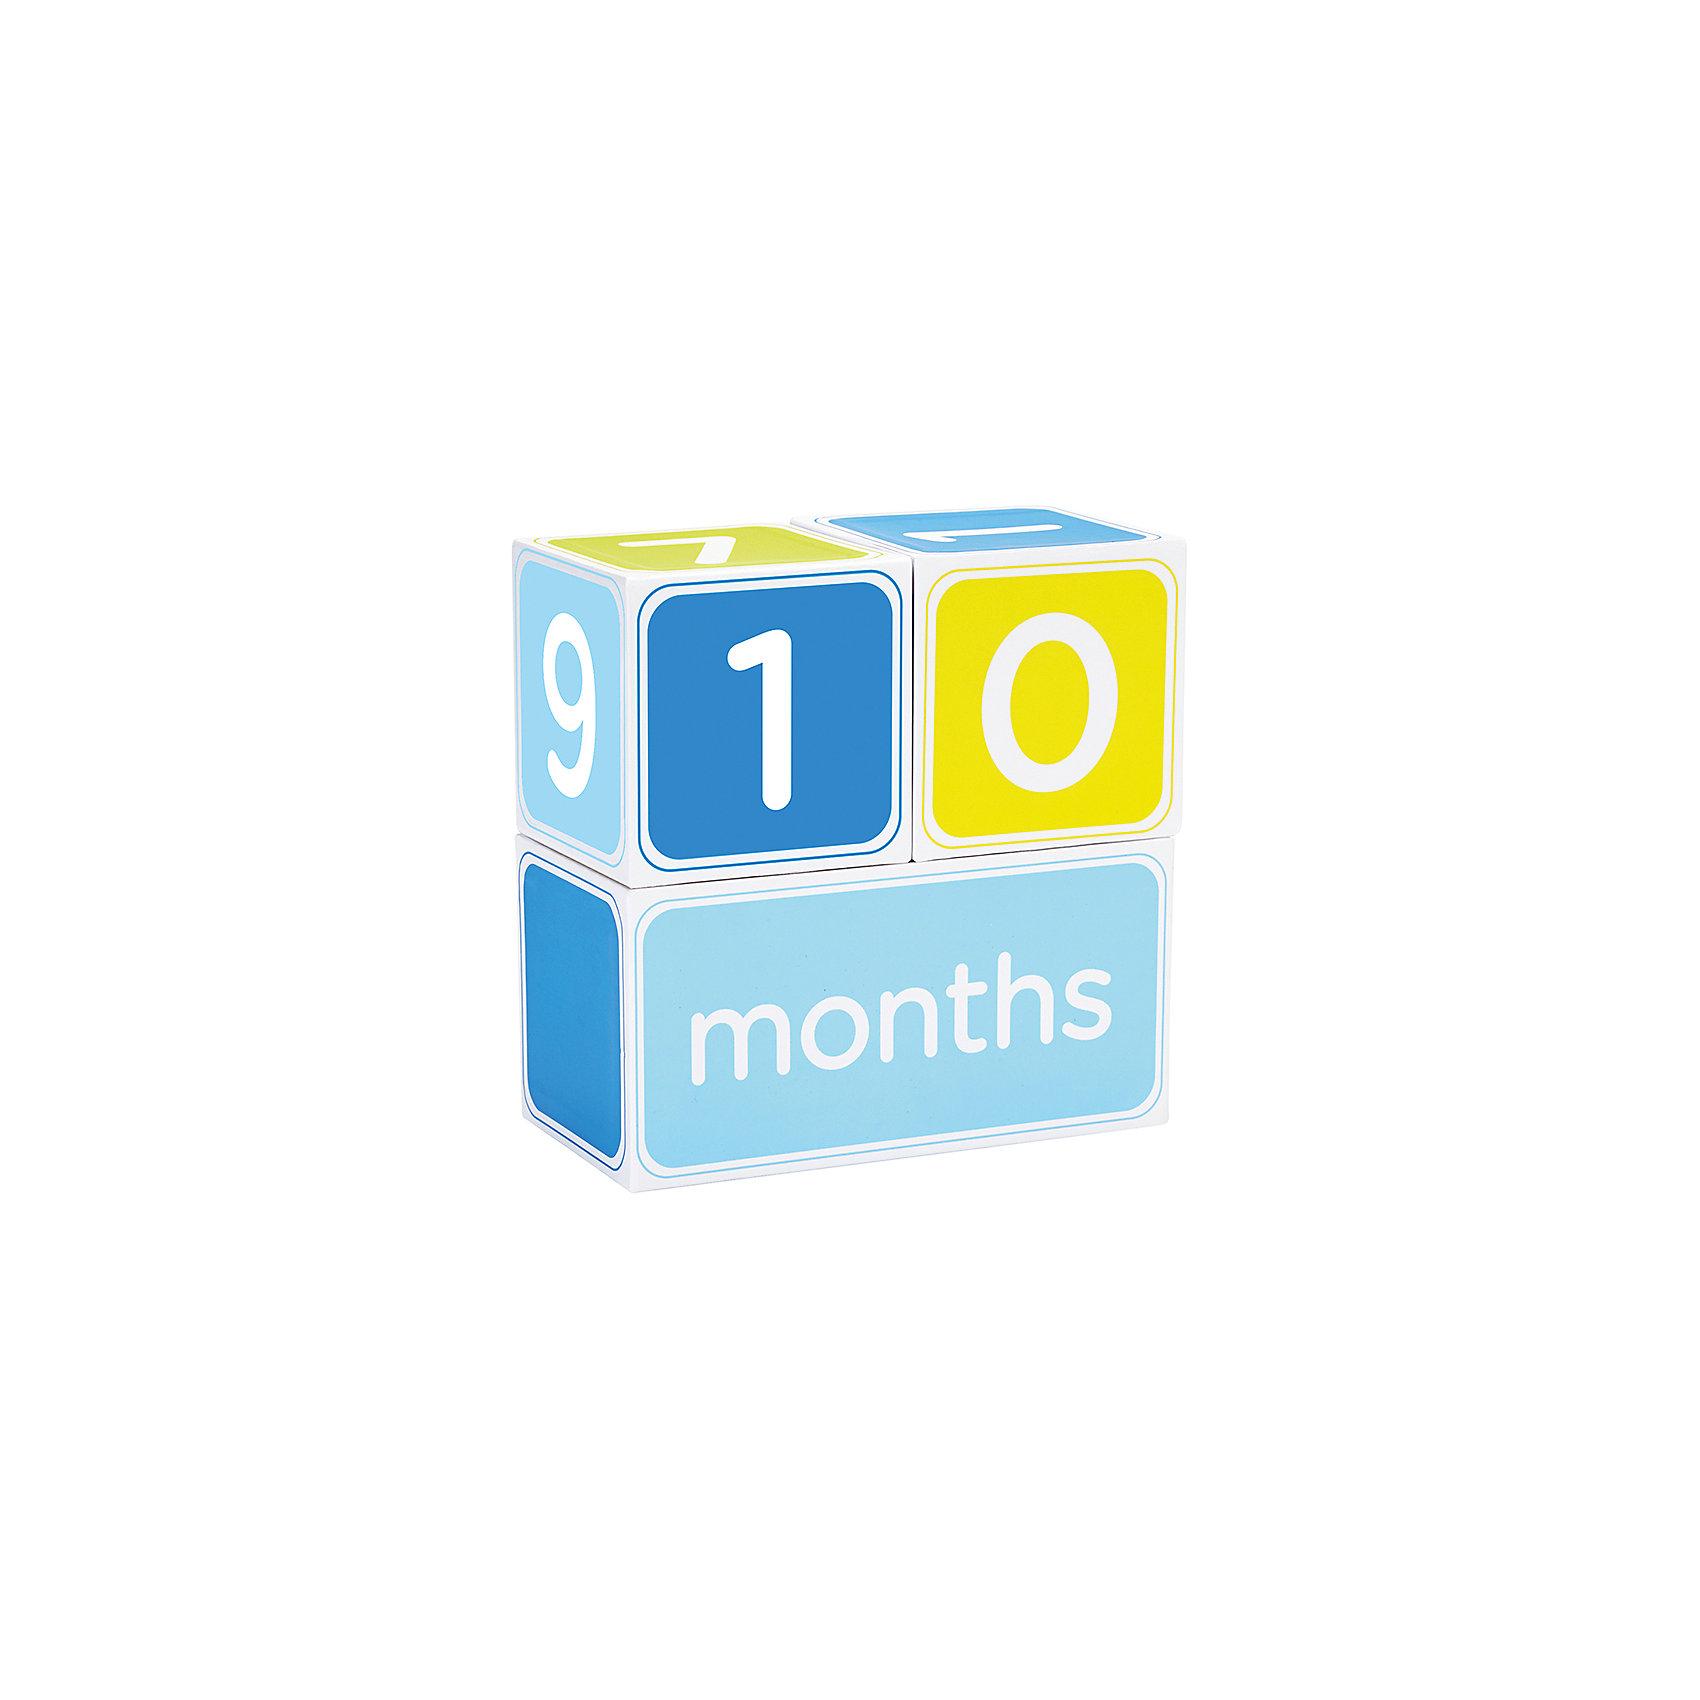 Кубики от 1 до 12 мес, PearheadСоветчики для мам<br>Характеристики:<br><br>• Пол: для мальчика<br>• Тематика рисунка: цифры<br>• Материал: бумага <br>• Комплектация: 2 кубика с цифрами от 1 до 9, кубик-основа <br>• Размер (Д*Ш): ?16*8*16 см<br>• Вес: 250 г <br>• Упаковка: картонная коробка<br><br>Кубики от 1 до 12 мес, Pearhead от американского торгового бренда, который специализируется на создании подарочных наборов для новорожденных и их родителей. Набор включает в себя 3 кубика, два из которых с цифрами от 1 до 9 и один кубик-основание. Эти кубики станут отличным реквизитом для организации еженедельных и ежемесячных фотосессий. <br><br>Кроме того, они могут быть развивающей игрушкой для вашего подрастающего малыша. Выполнены из плотной бумаги, окрашены безопасными красками. Кубики позволят красочно, ярко и оригинально запечатлеть самые важные моменты первого года жизни вашего малыша. <br><br>Кубики от 1 до 12 мес, Pearhead можно купить в нашем интернет-магазине.<br><br>Ширина мм: 80<br>Глубина мм: 215<br>Высота мм: 170<br>Вес г: 226<br>Возраст от месяцев: 0<br>Возраст до месяцев: 84<br>Пол: Мужской<br>Возраст: Детский<br>SKU: 5482426